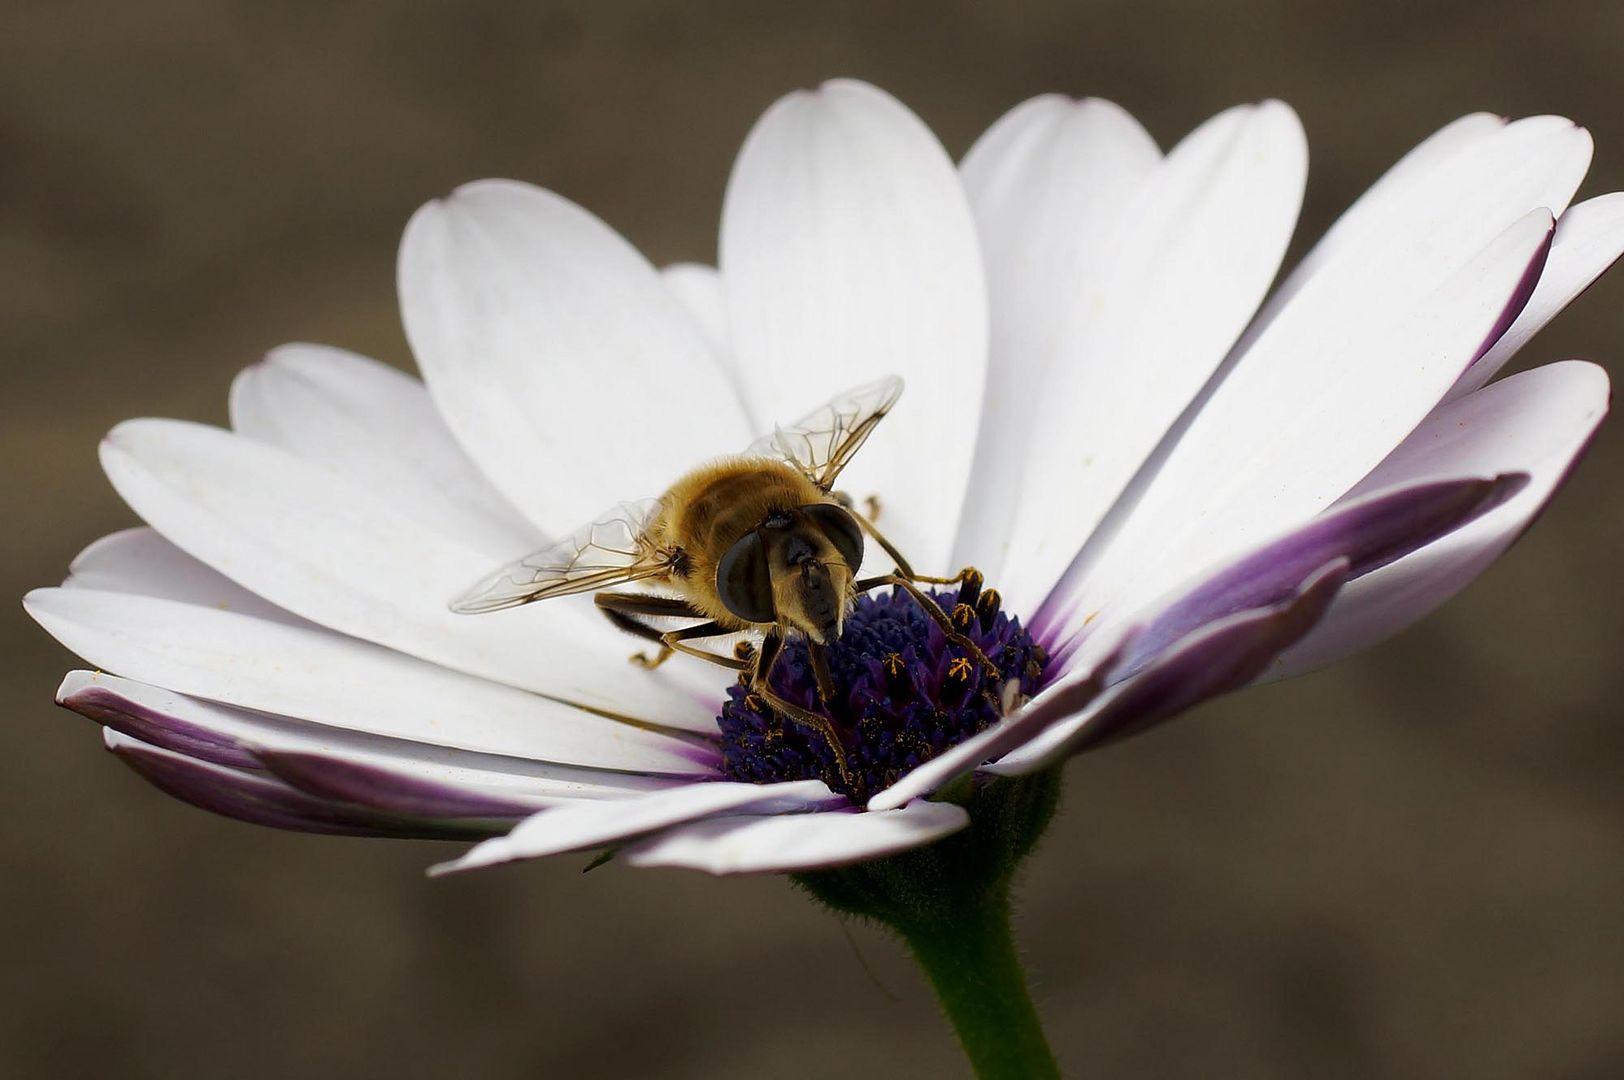 Schaffe, schaffe, auch den letzten Honig sammlen........